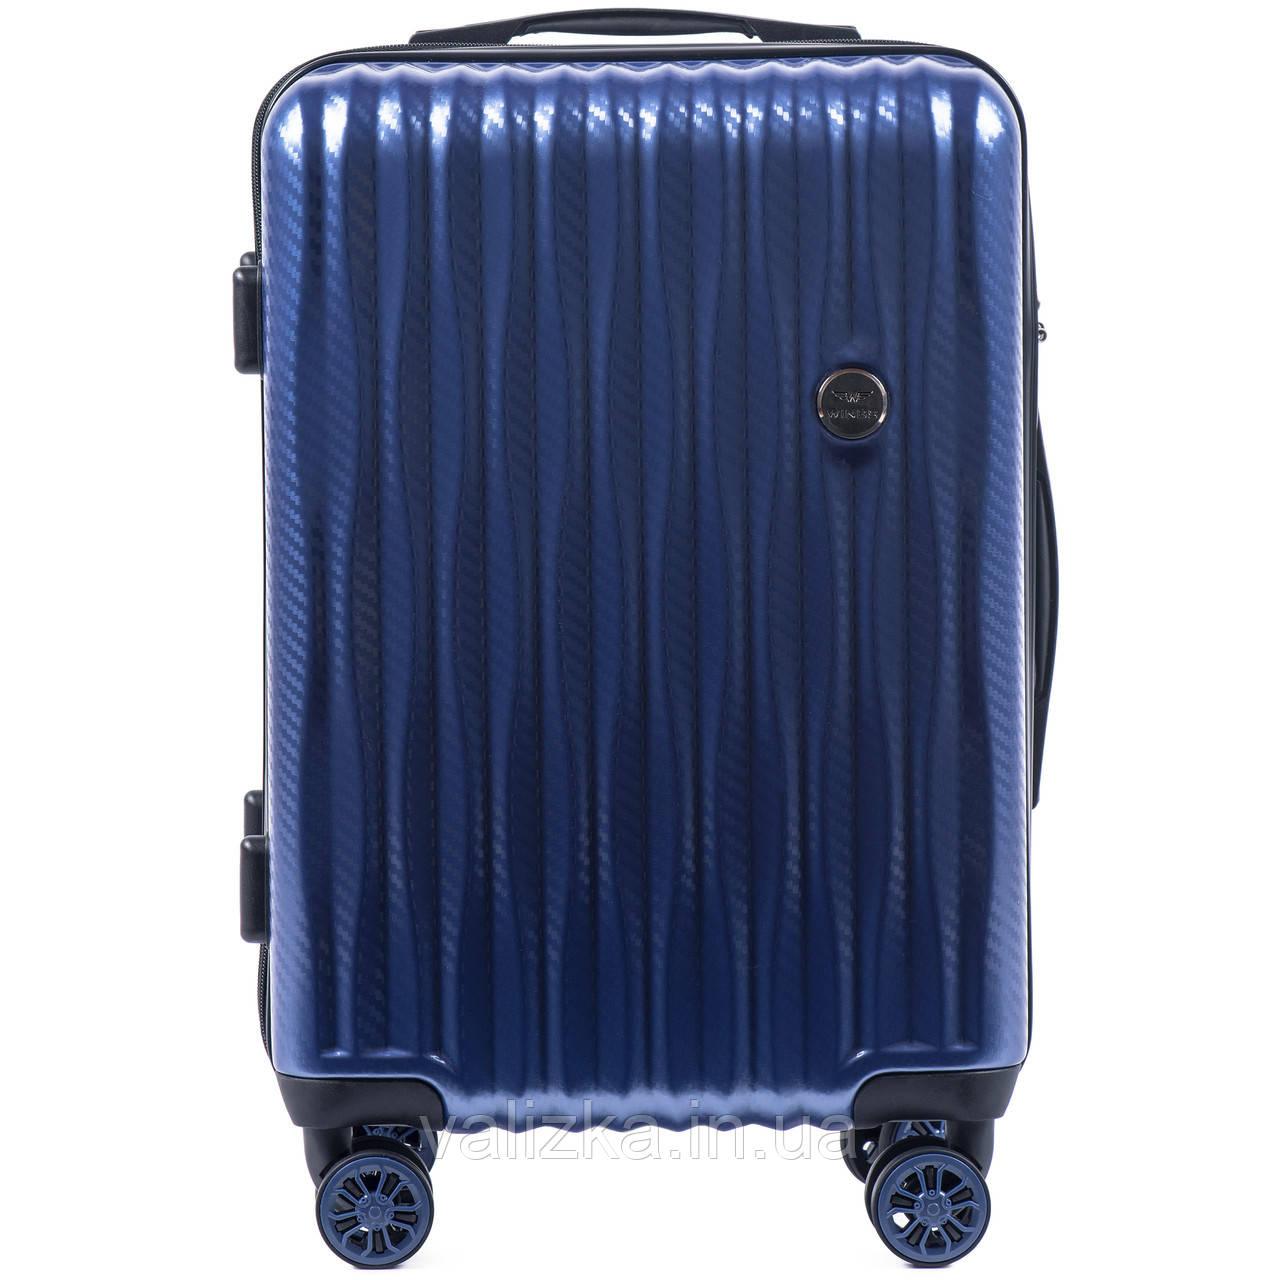 Малый чемодан из поликарбоната W-5223 премиум серии для ручной клади на 4-х двойных колесах синего цвета